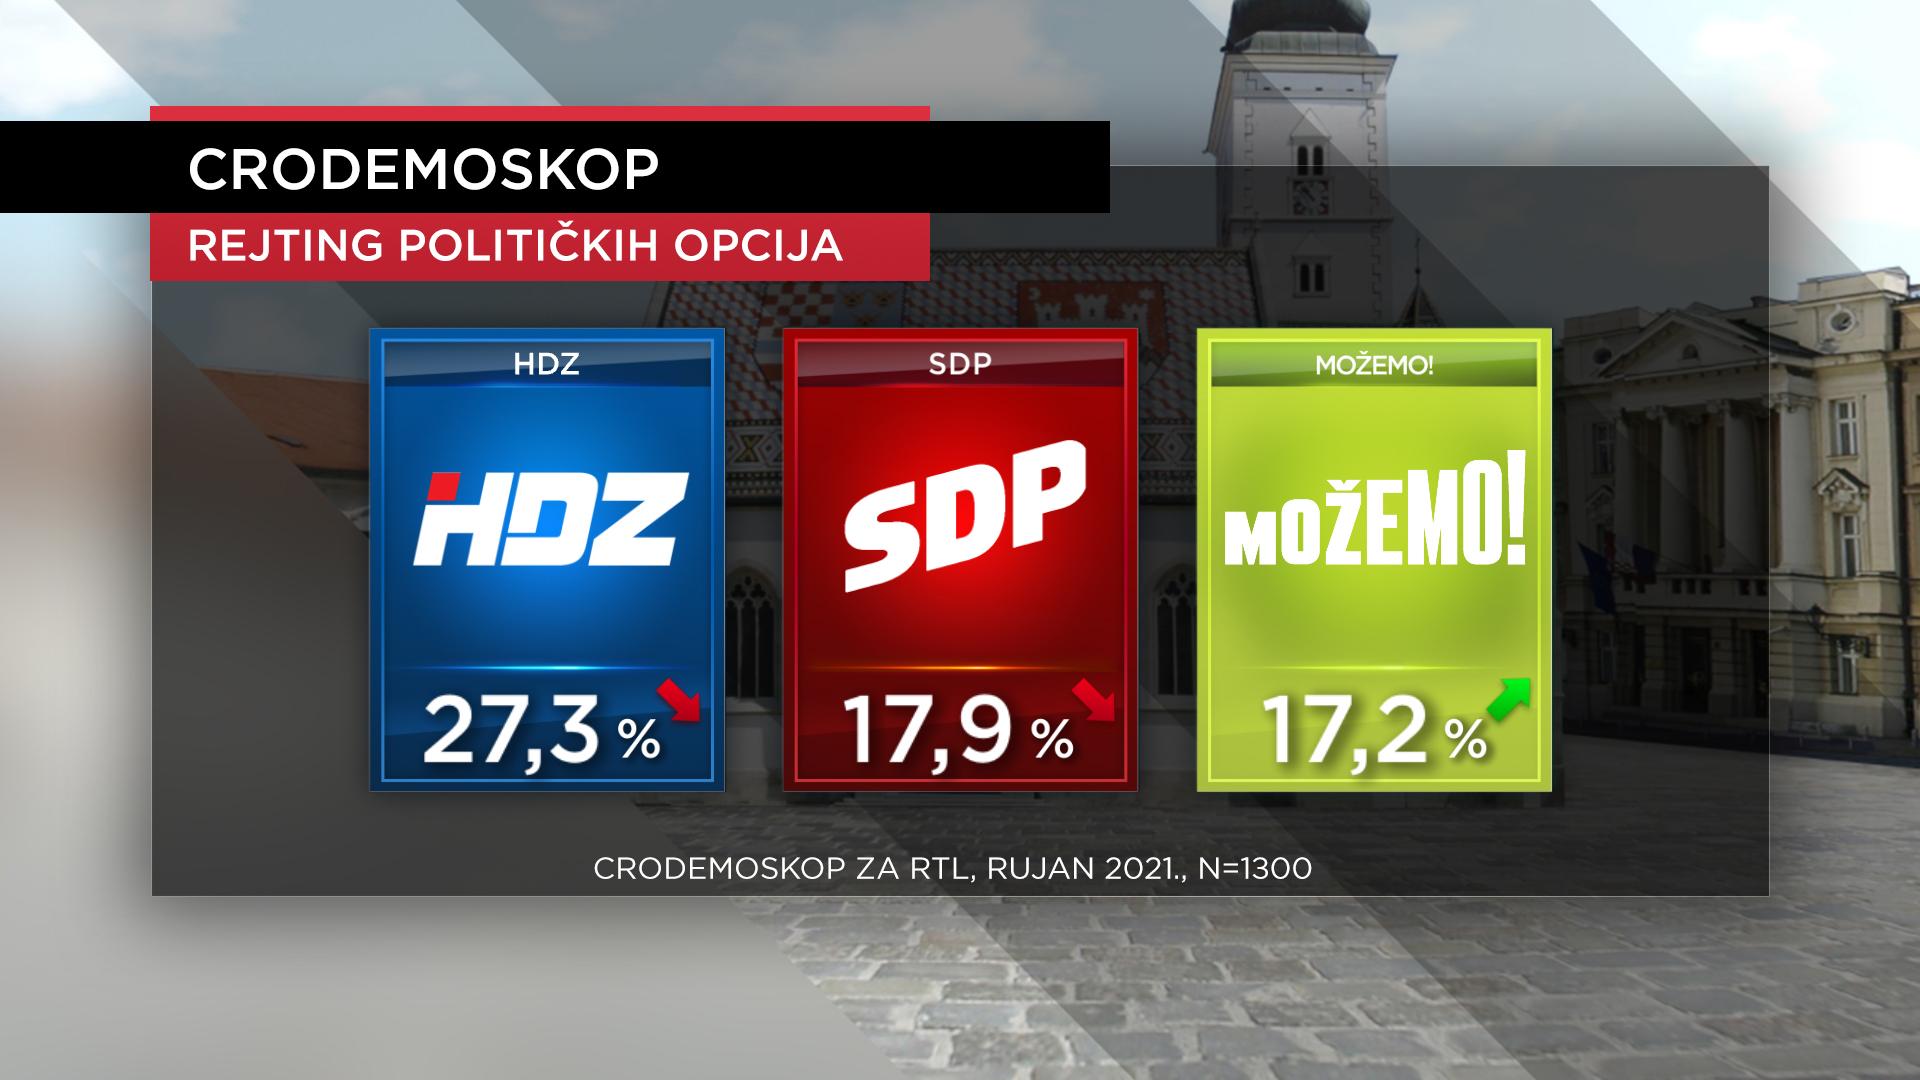 Novi CRO Demoskop: Najveća podrška HDZ-u, Domovinski pokret drastično pao